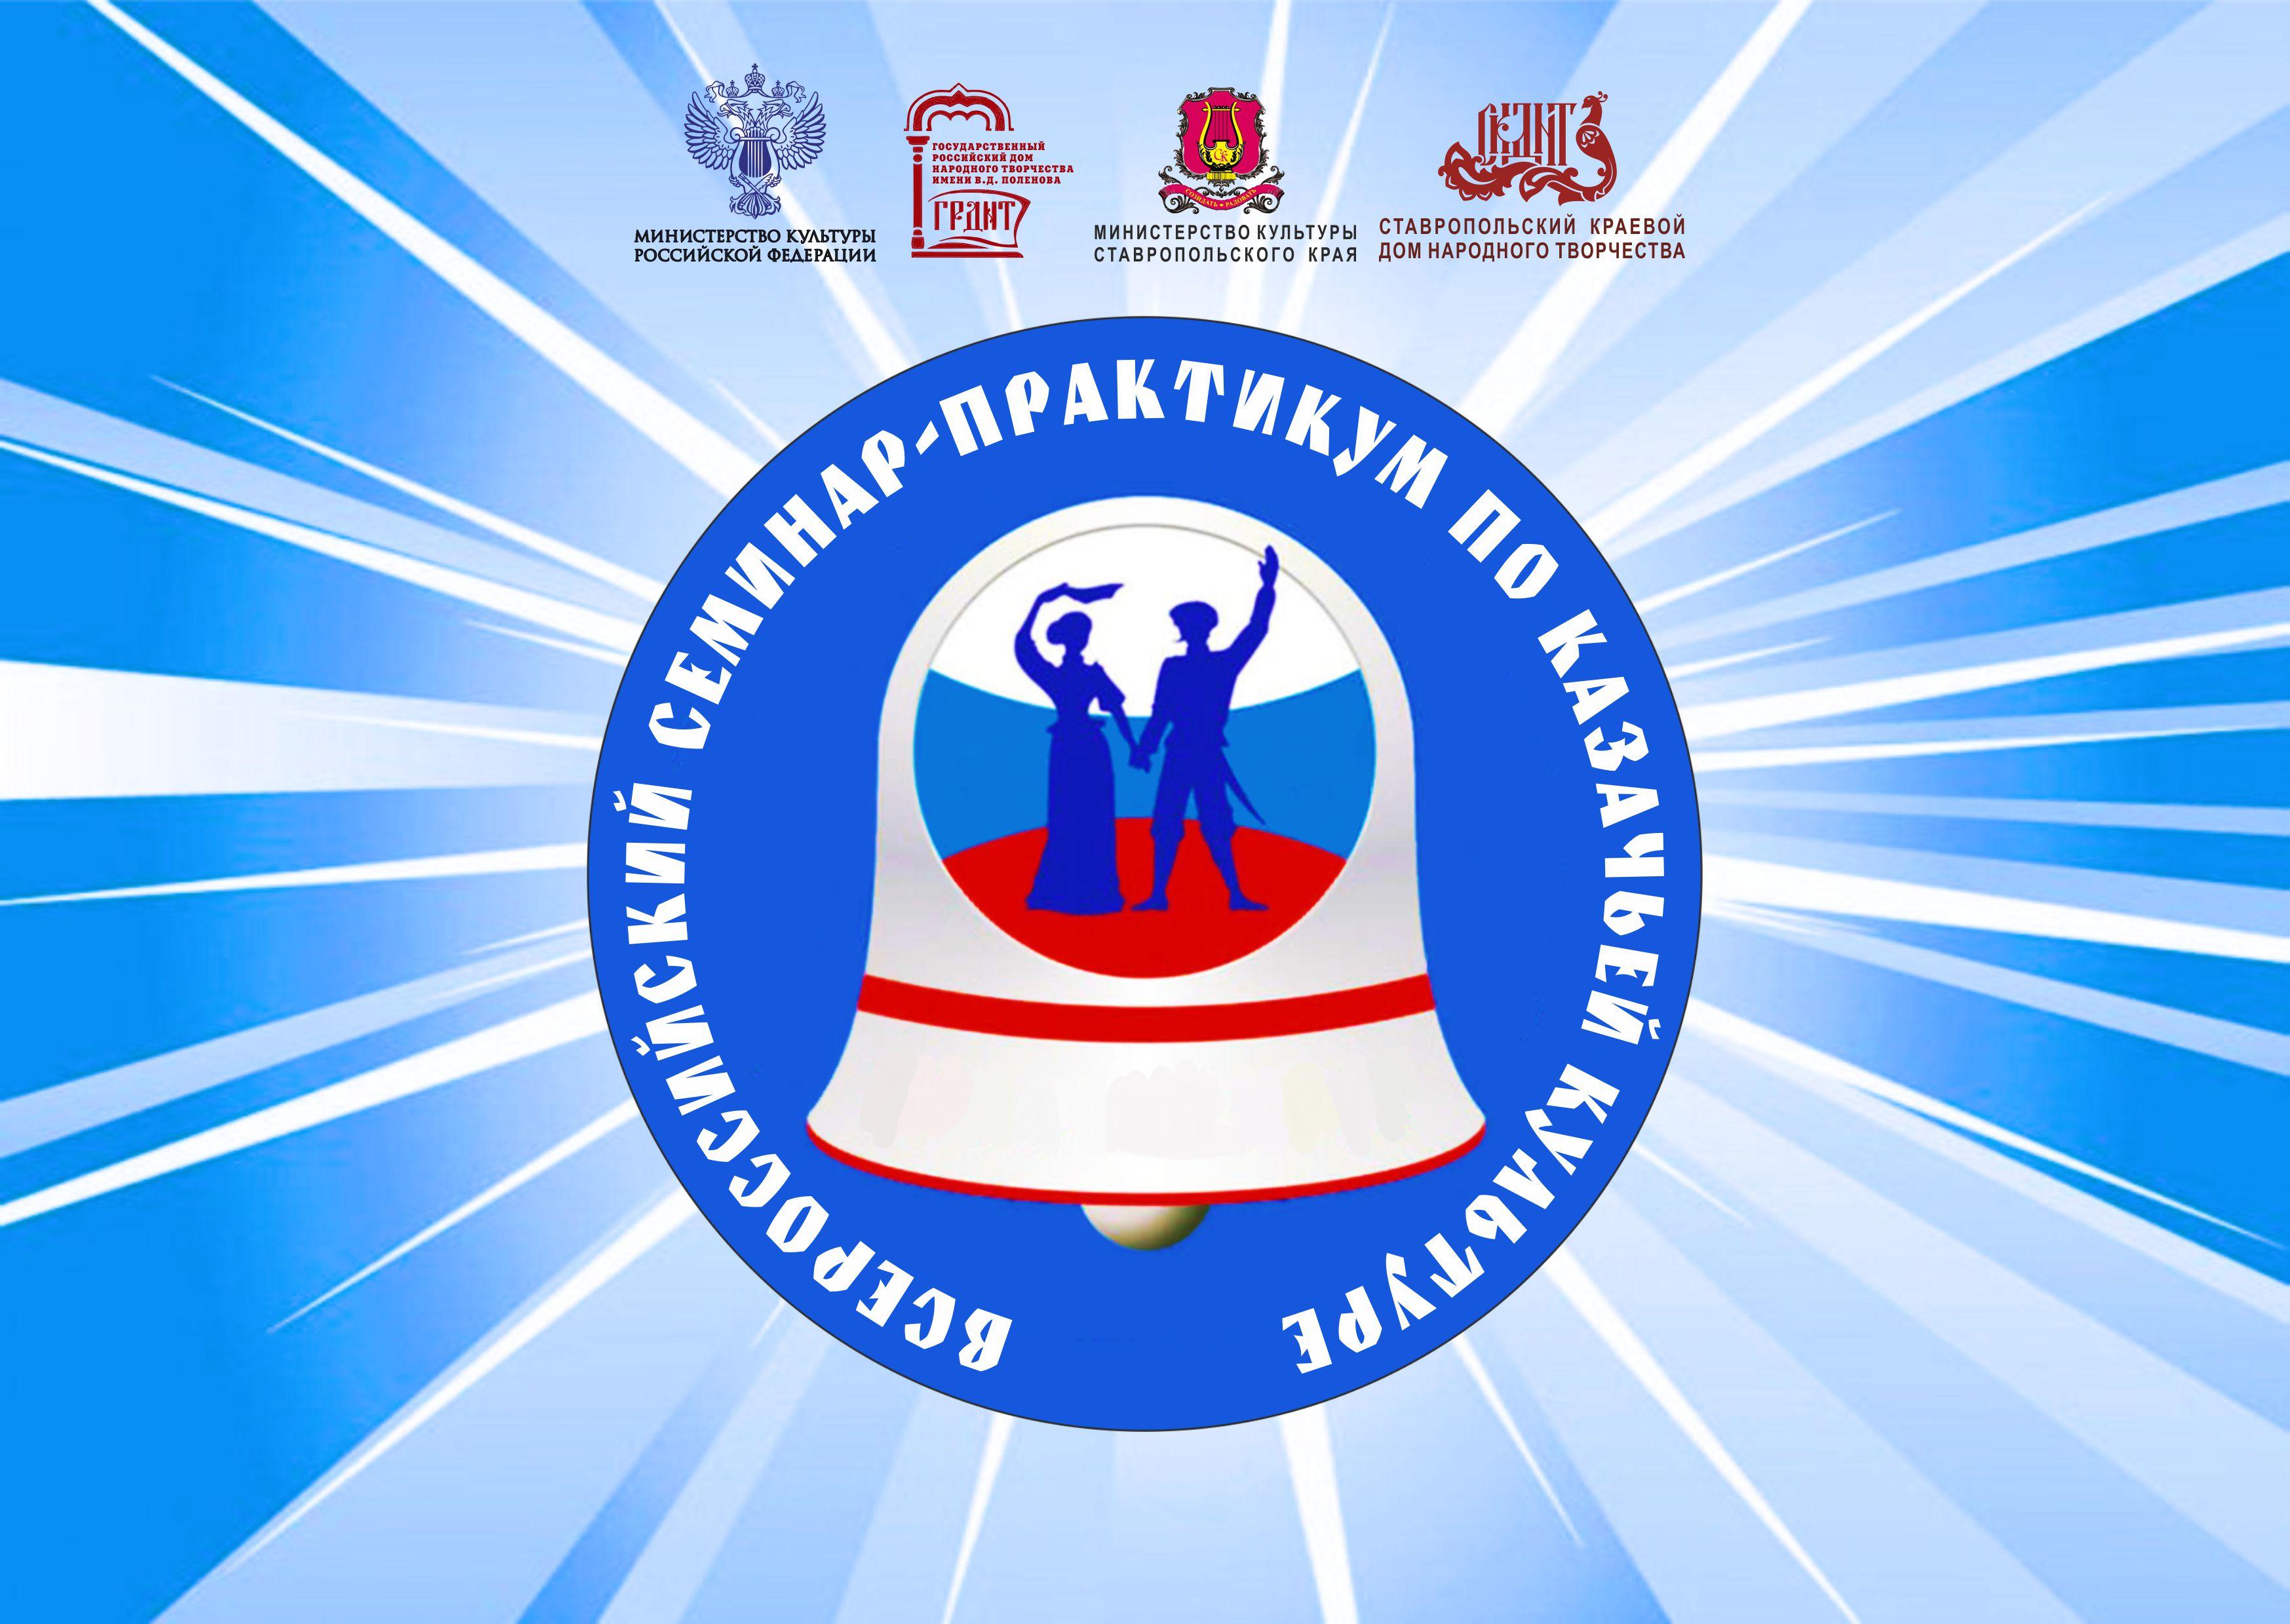 Специалист Областного методического центра – участник всероссийского семинара по казачьей культуре